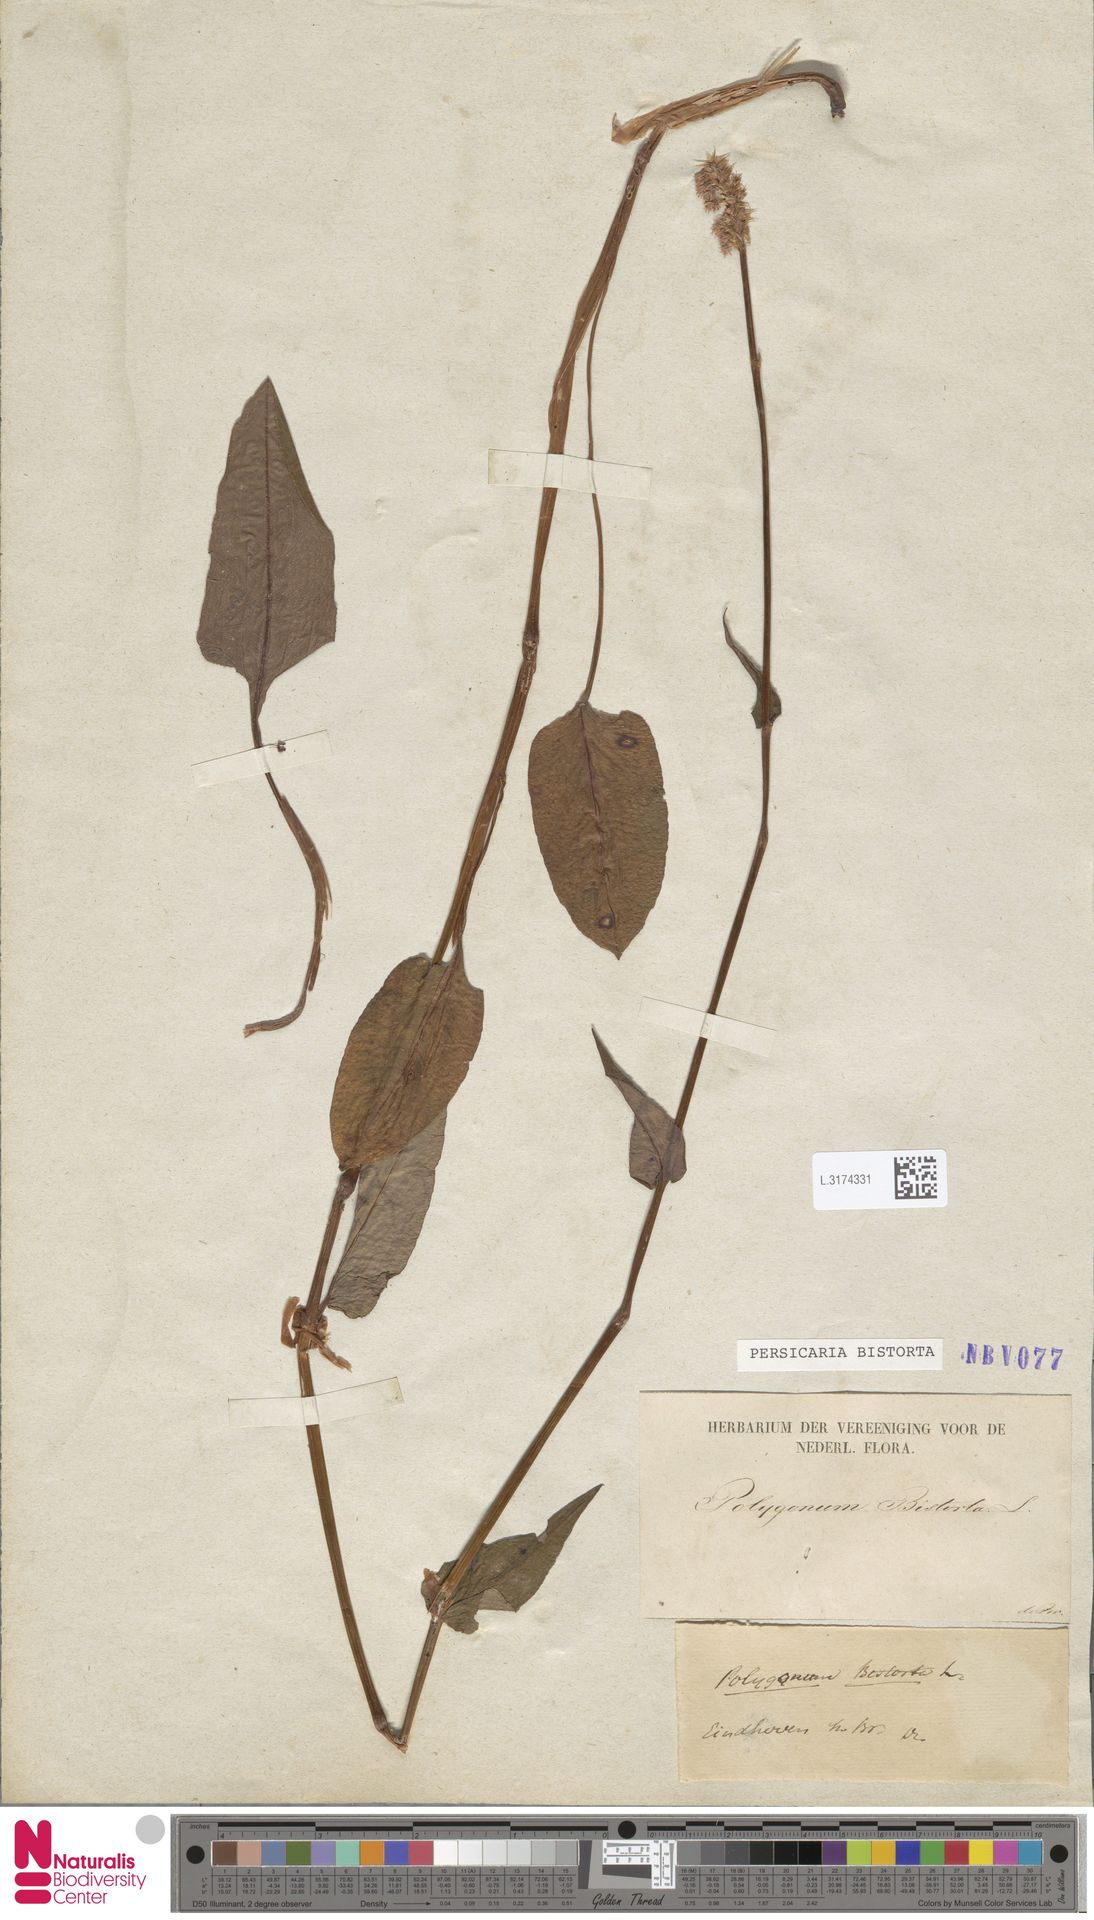 L.3174331 | Persicaria bistorta (L.) Samp.